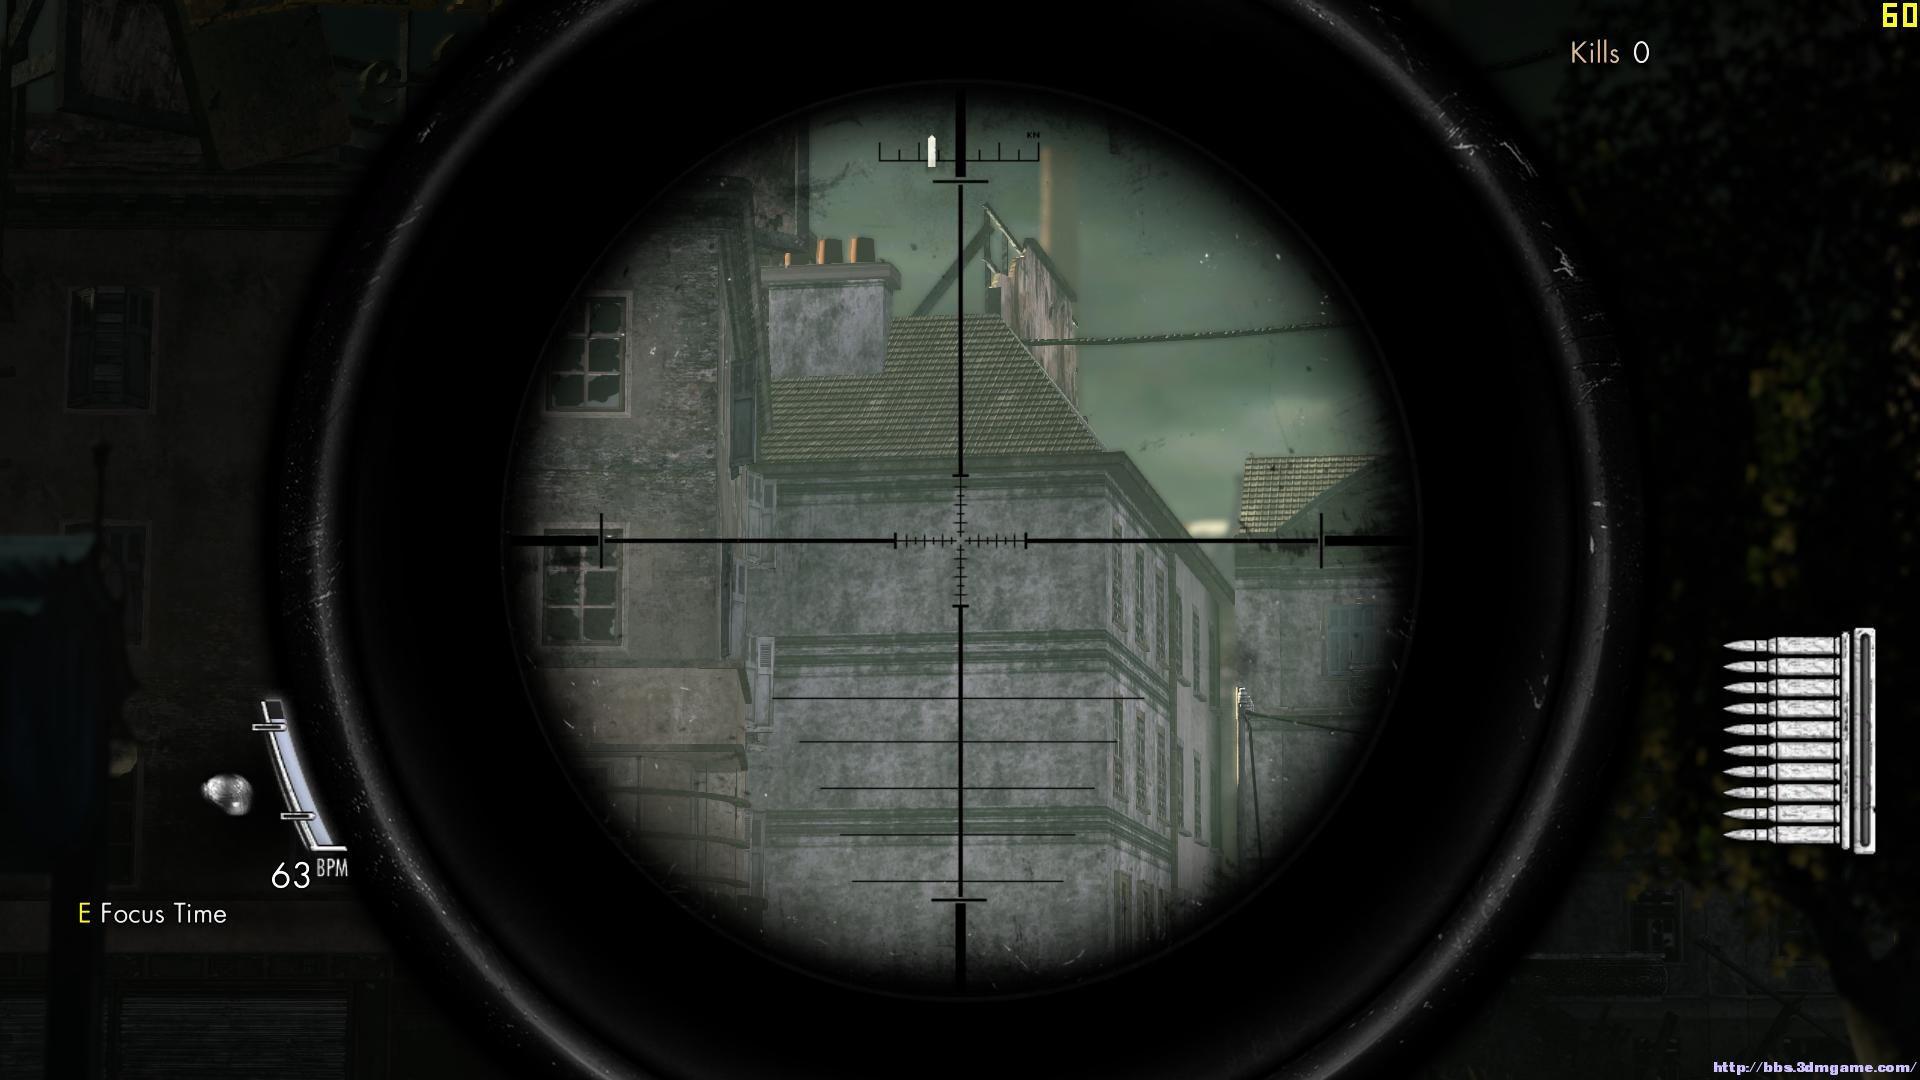 狙击枪瞄准镜结构图